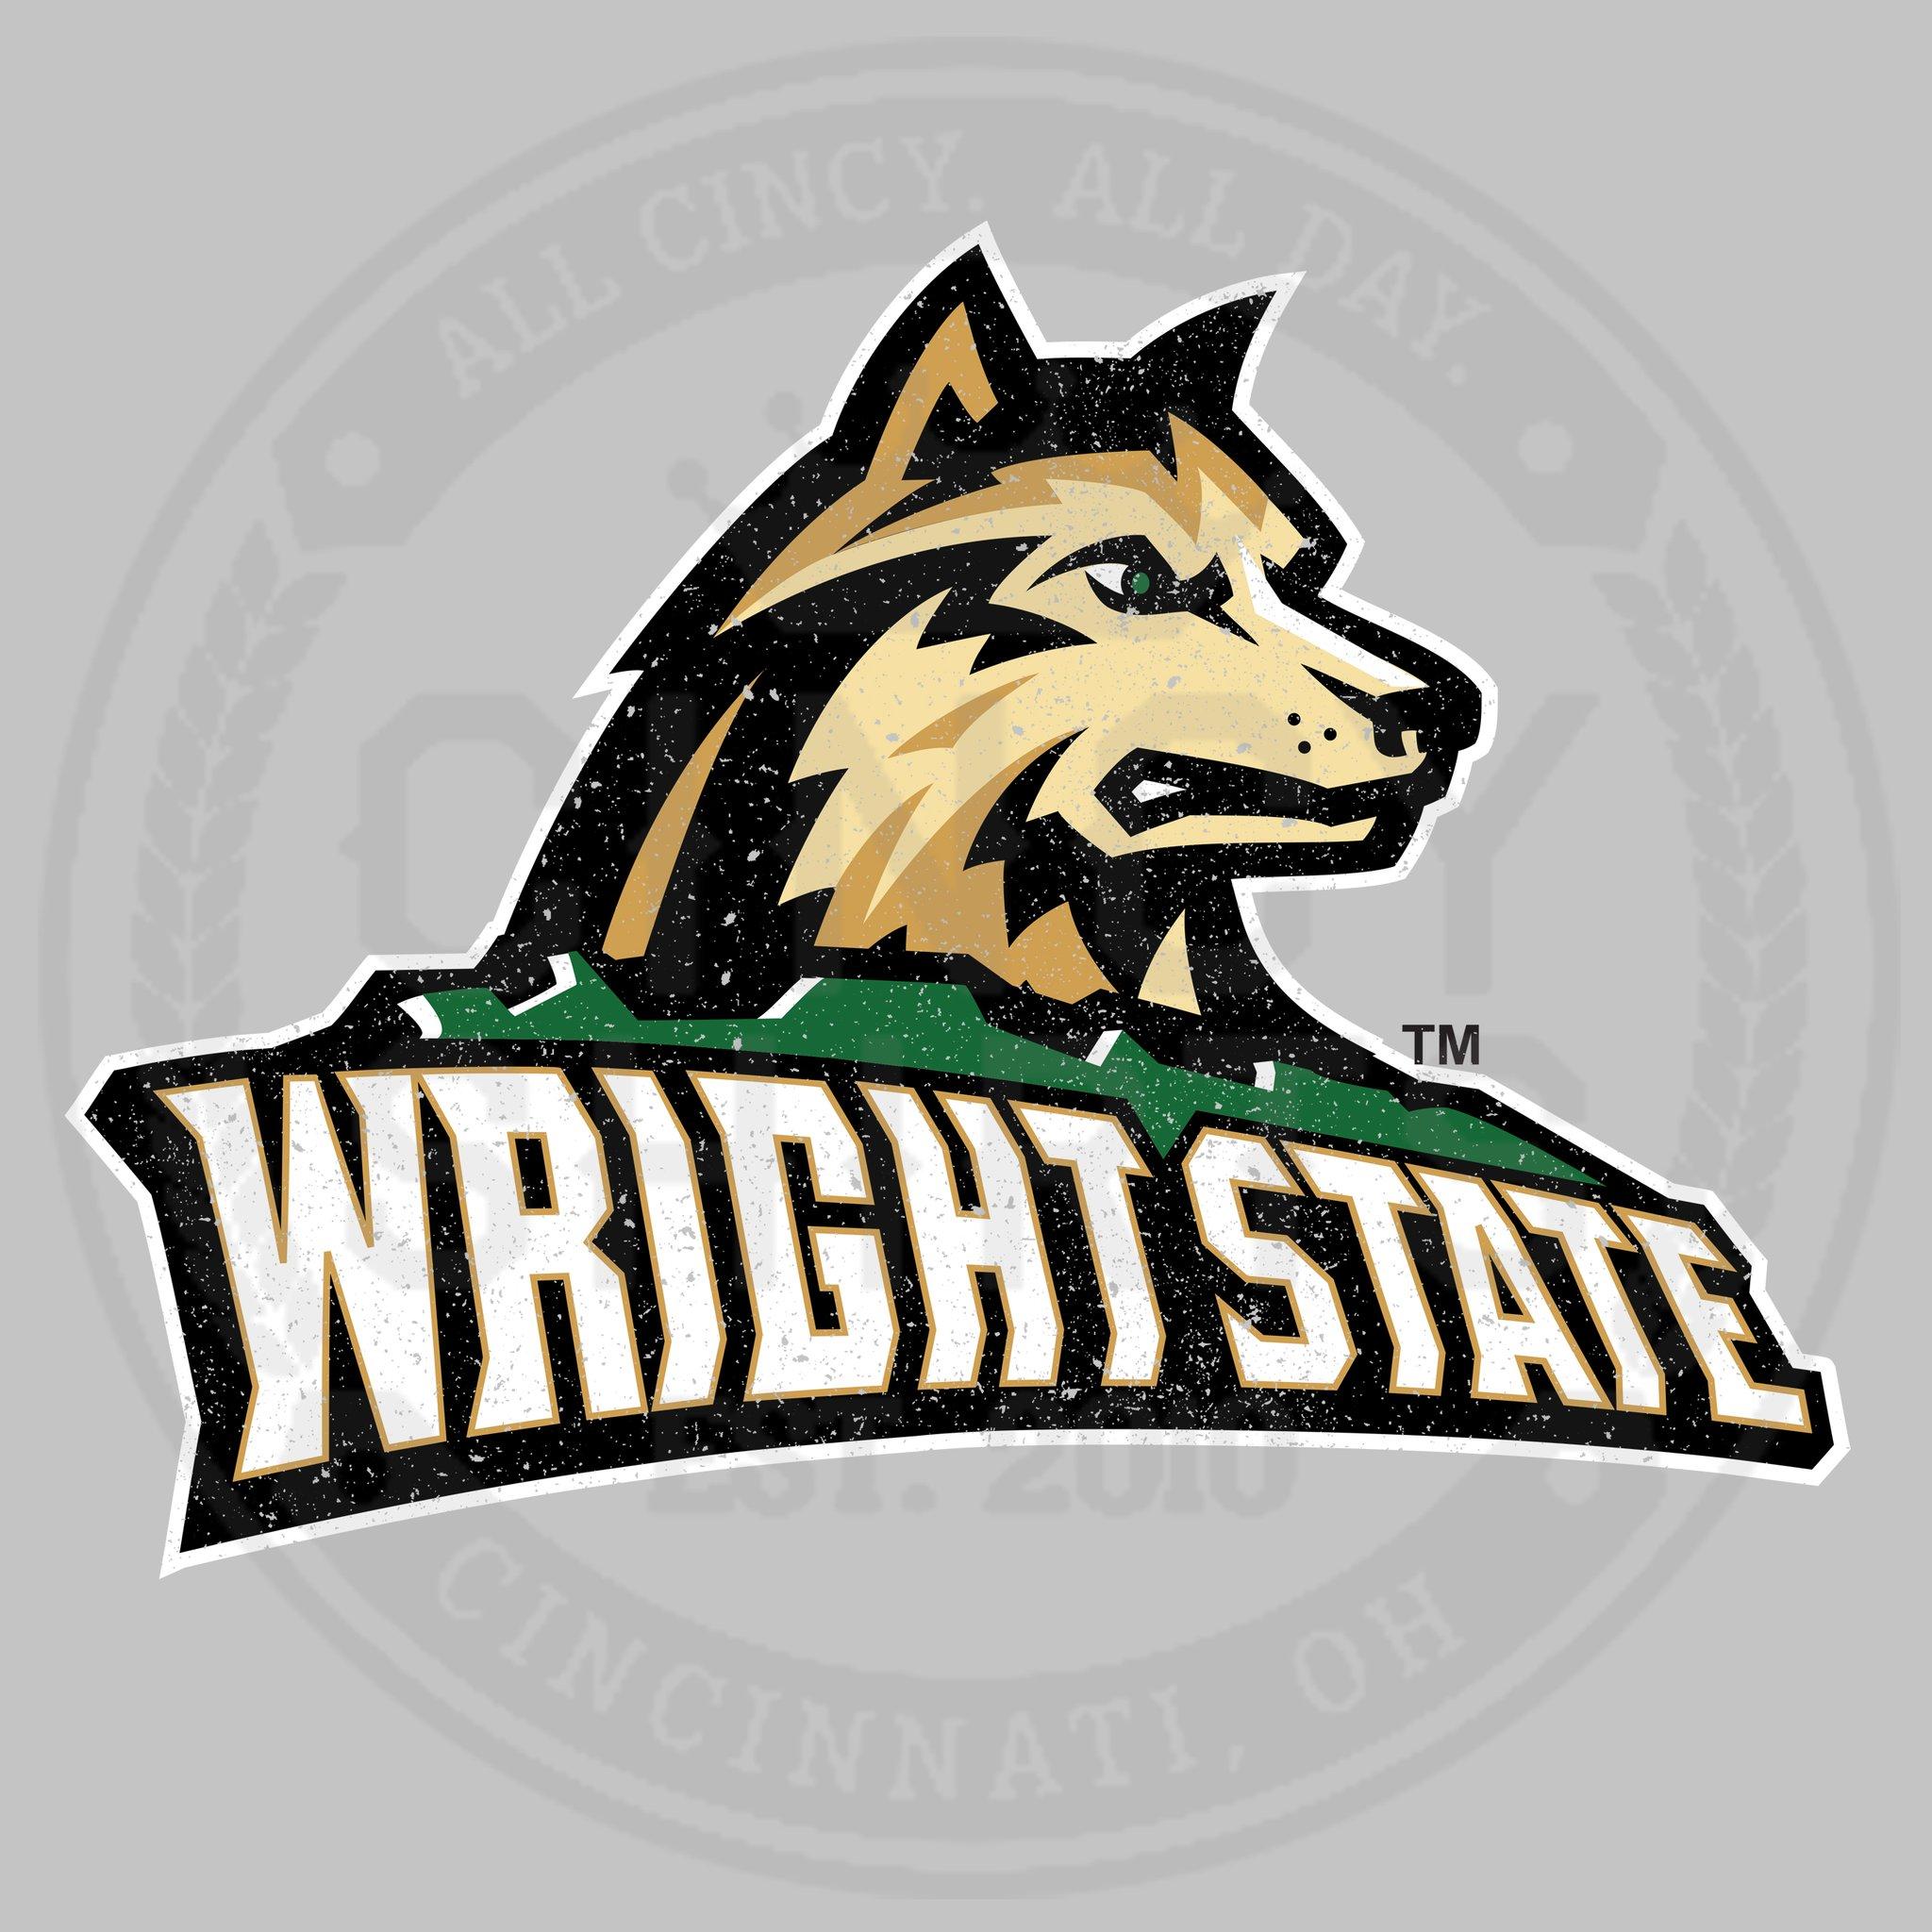 Wright State Raiders Logo.